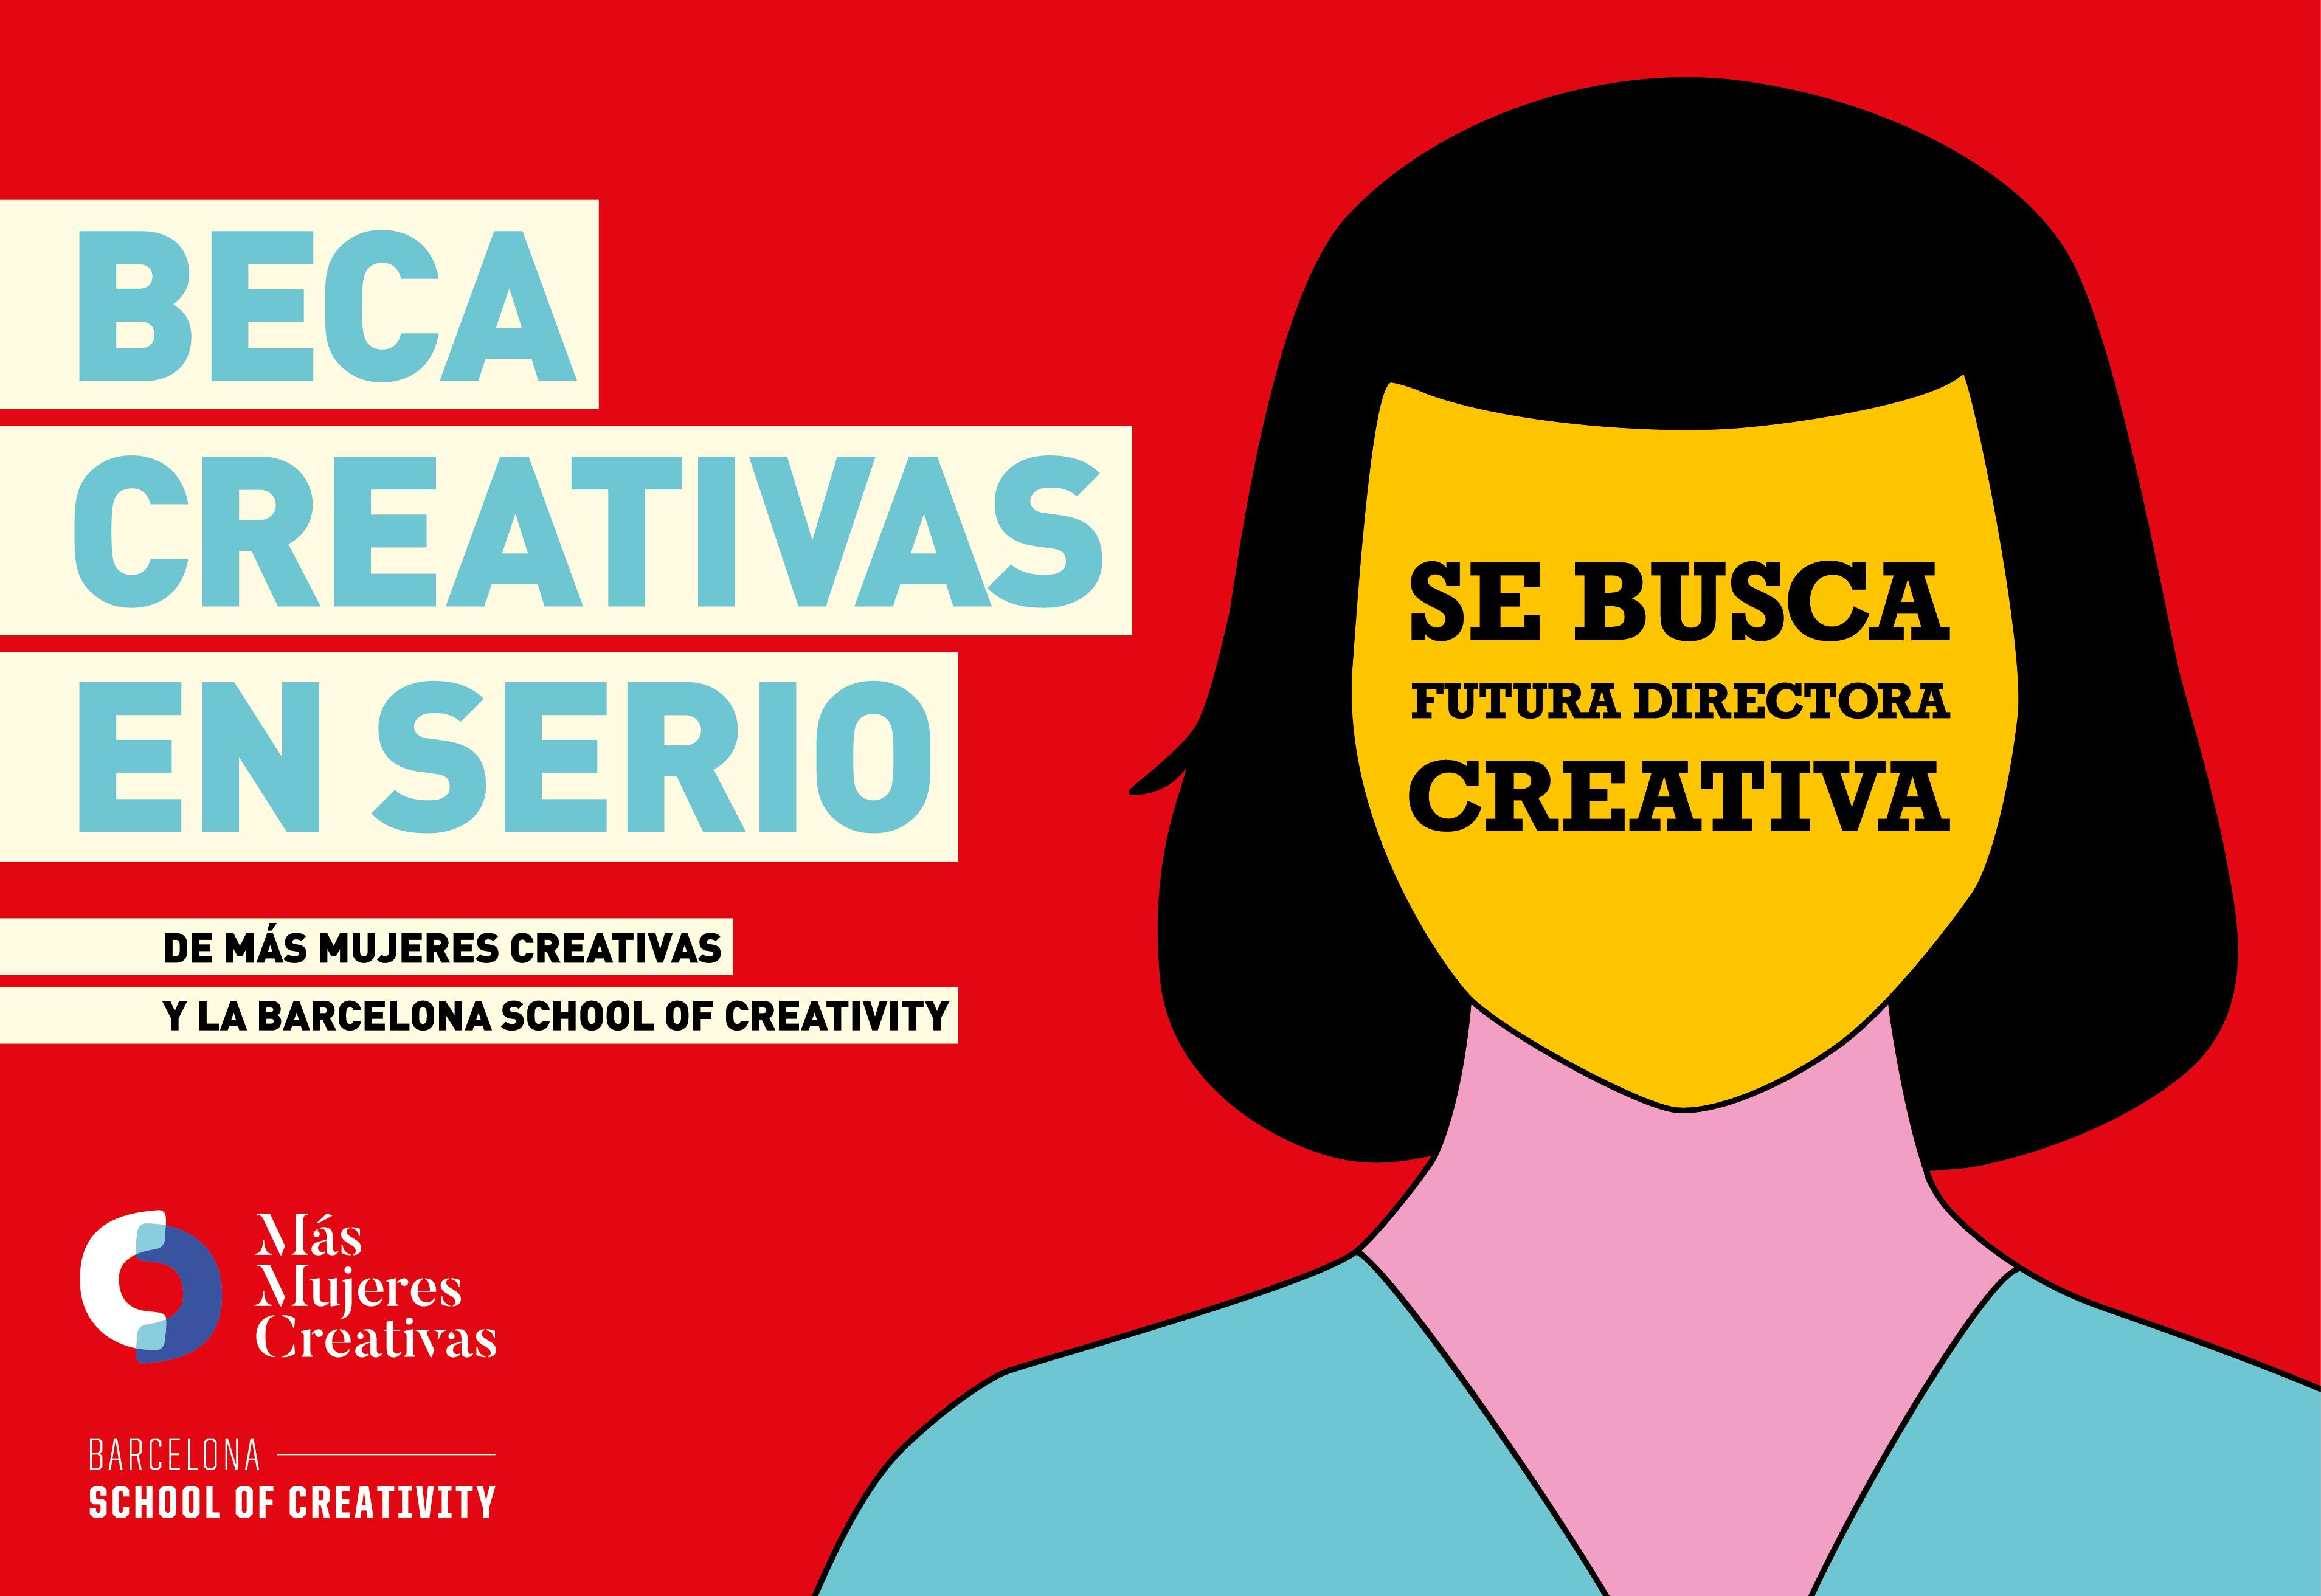 Beca Creativas en serio